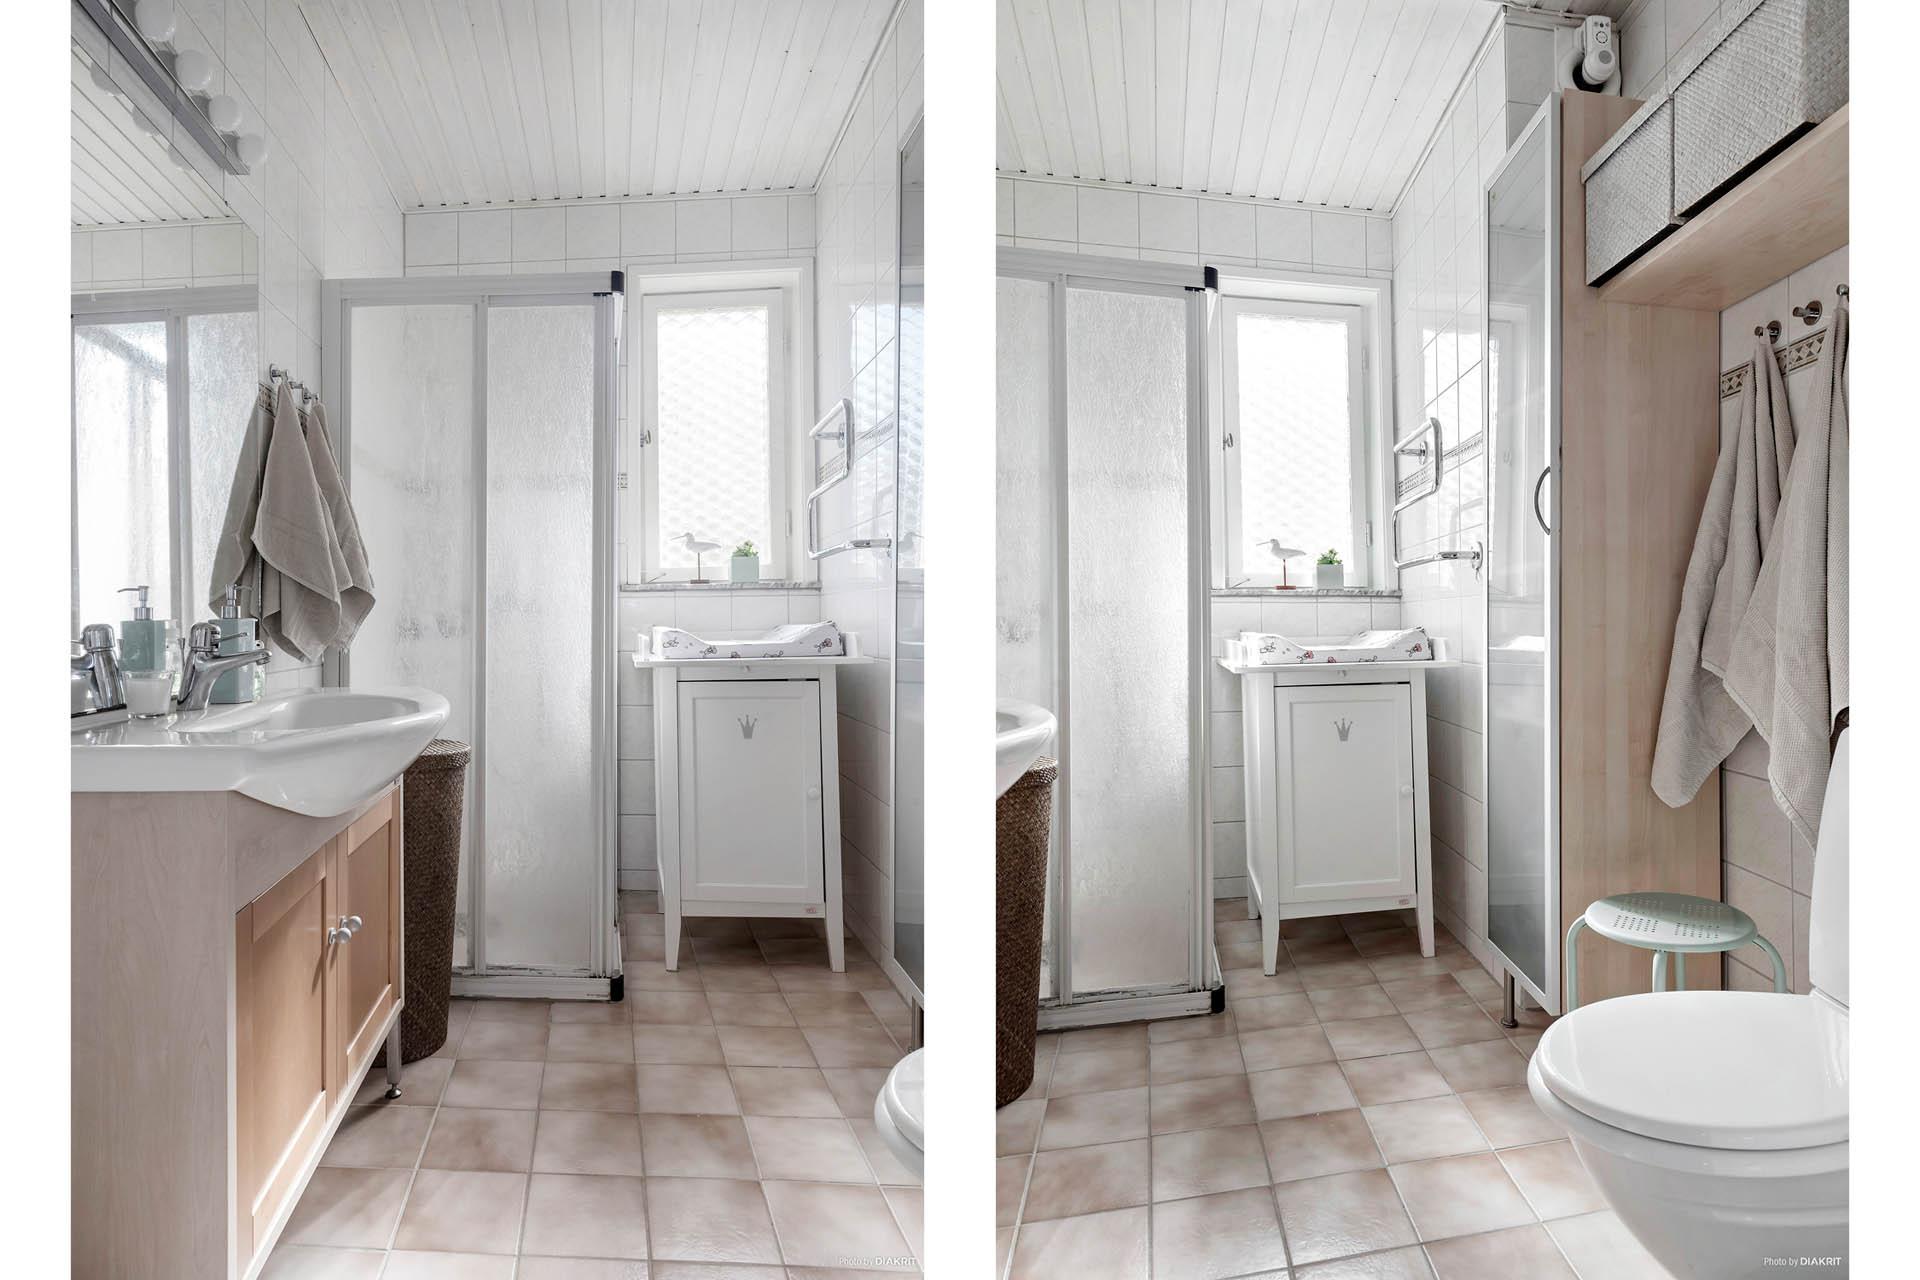 Badrummet. Helkaklat, skönt ljusinsläpp tack vare fönster samt rejäl tvättställskommod.